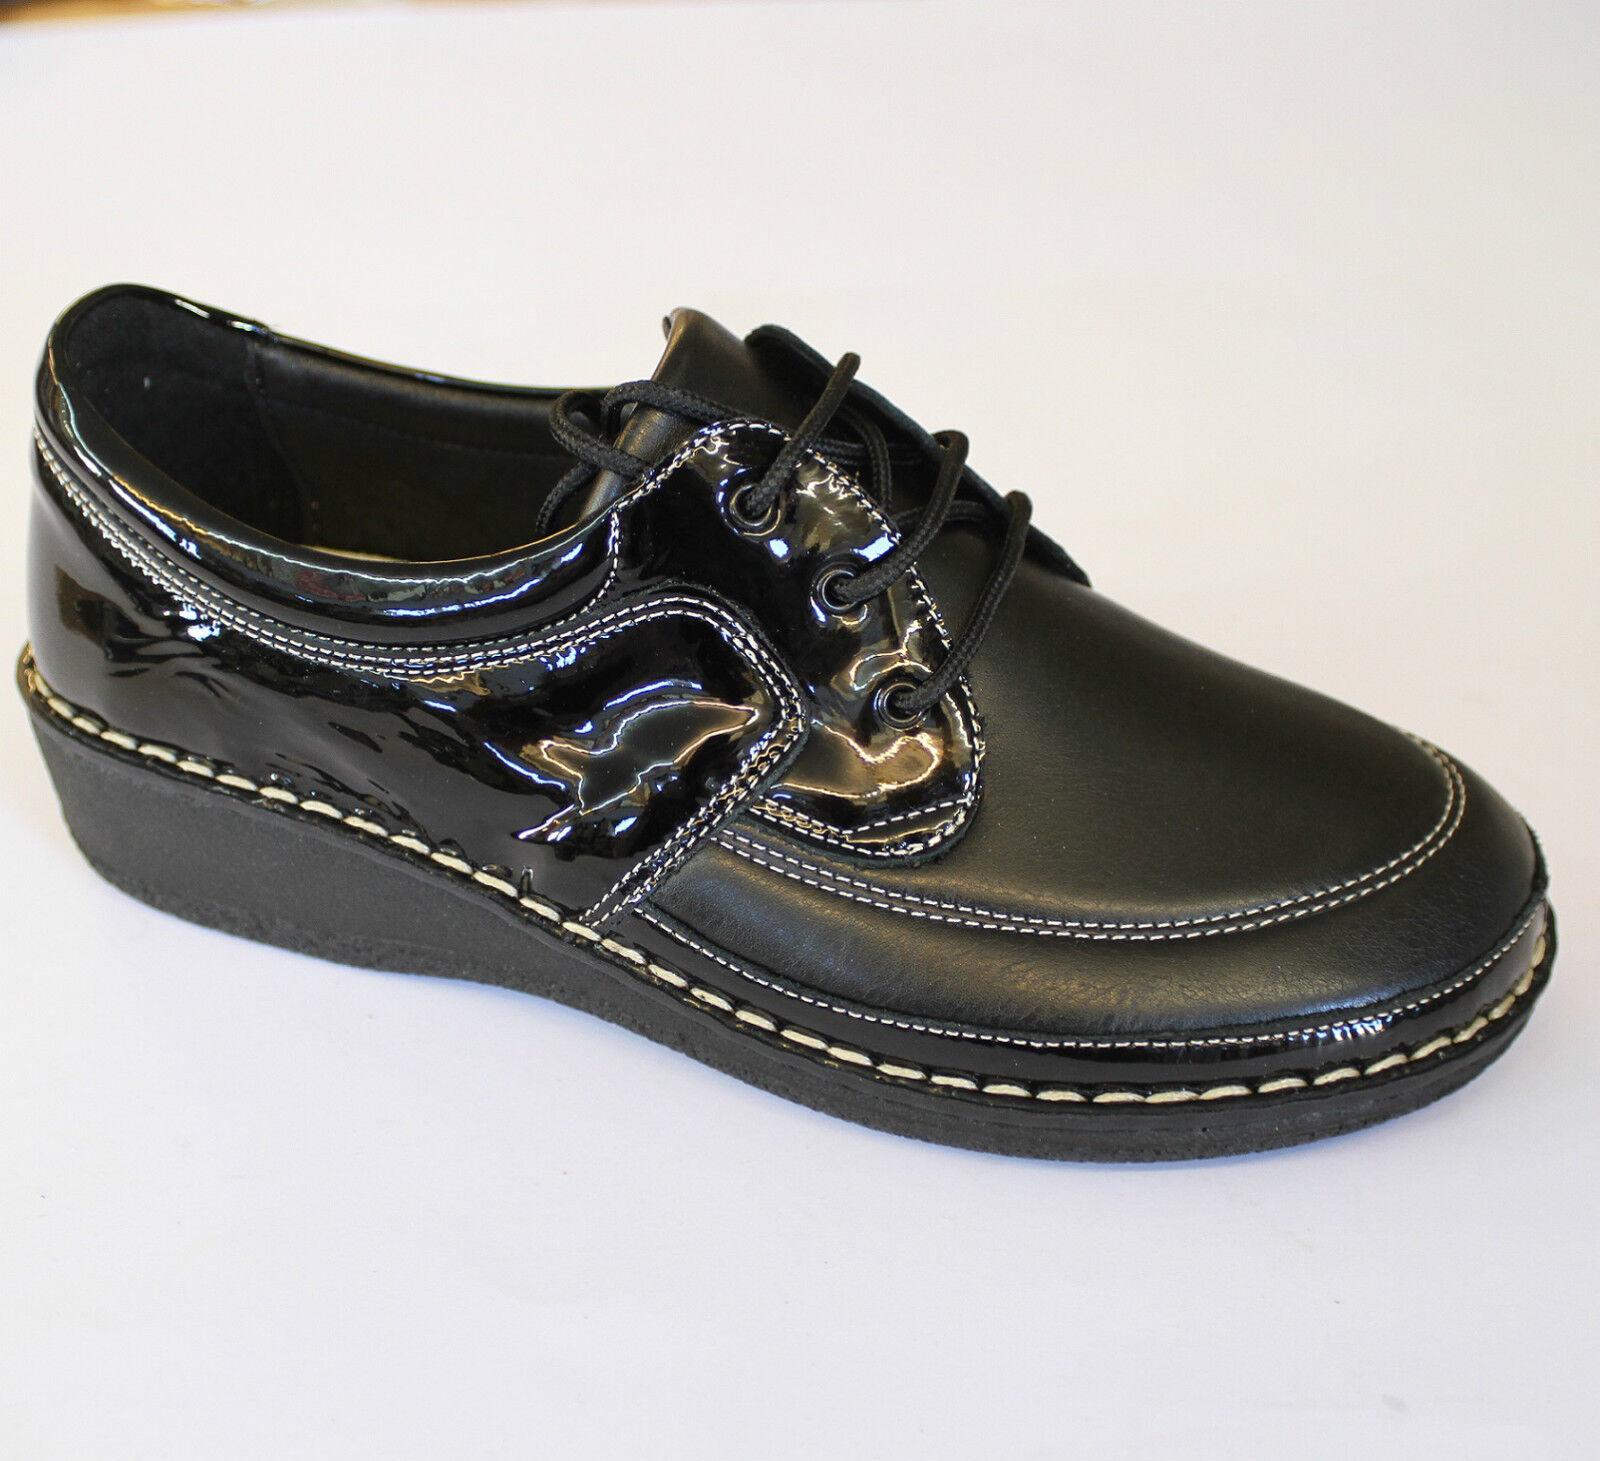 CINZIA SOFT scarpa DONNA  plantare anatomico estraibile lacci Italia DONNA scarpa nero 2380M d83383